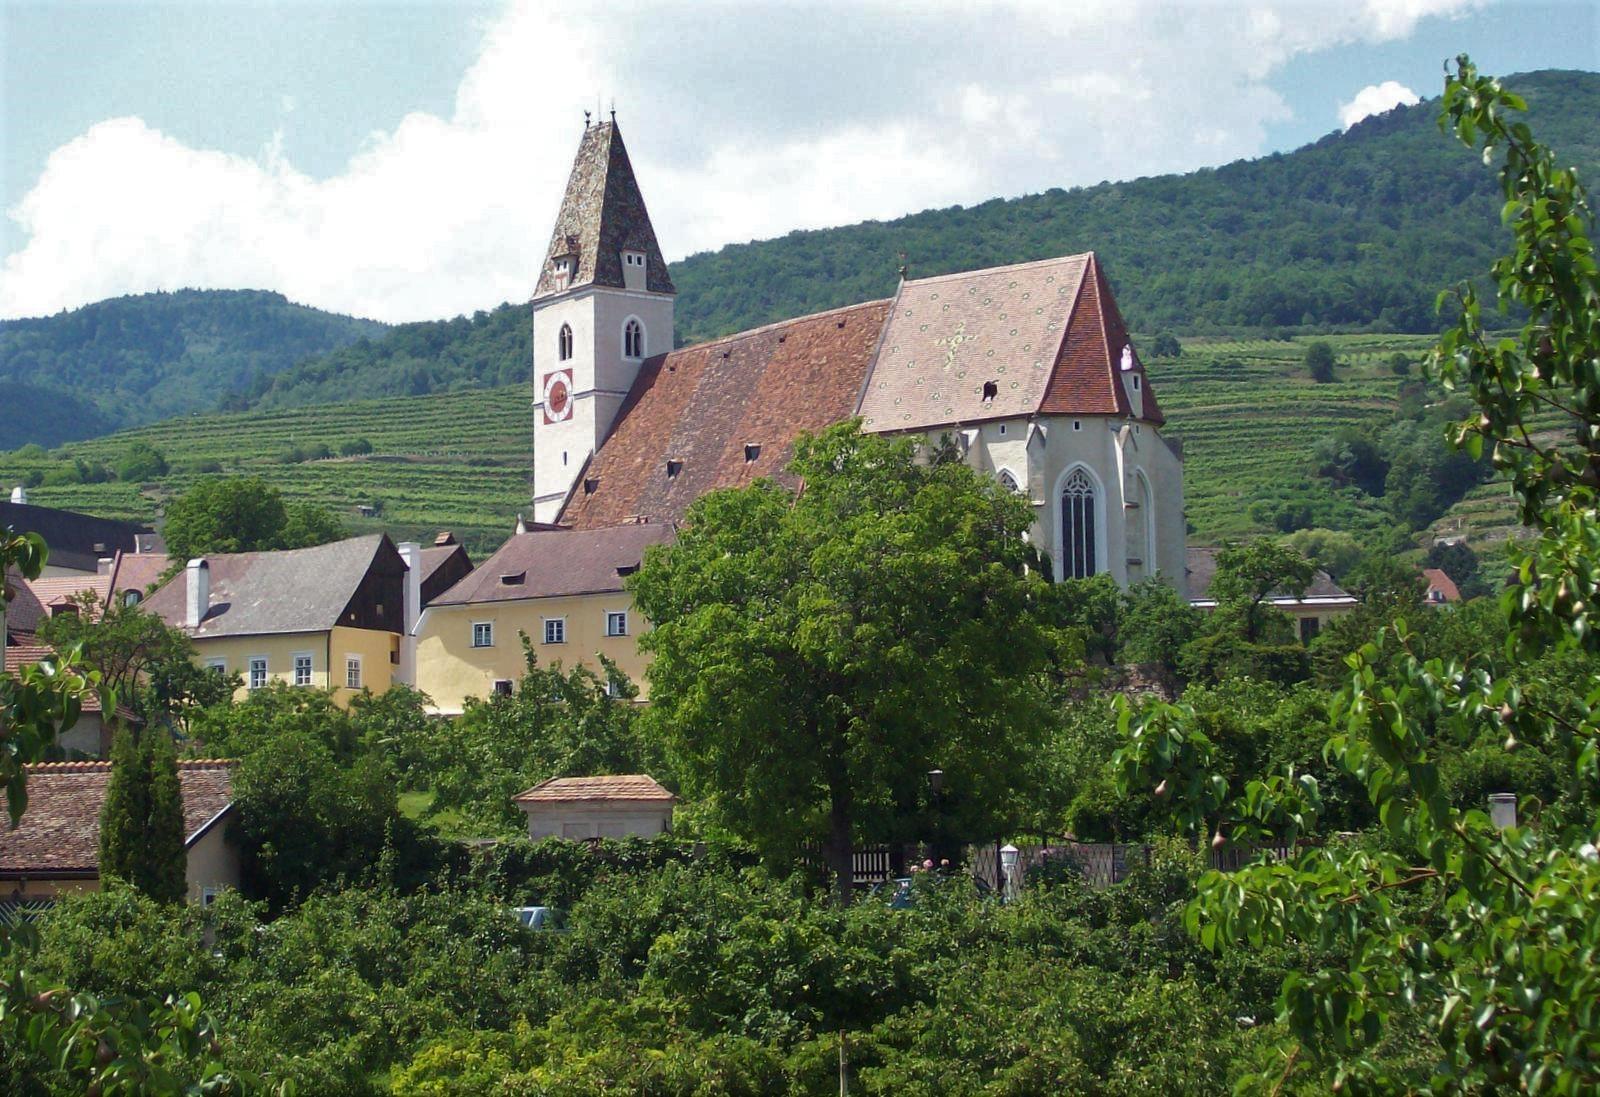 Kirche von Spitz in der Wachau